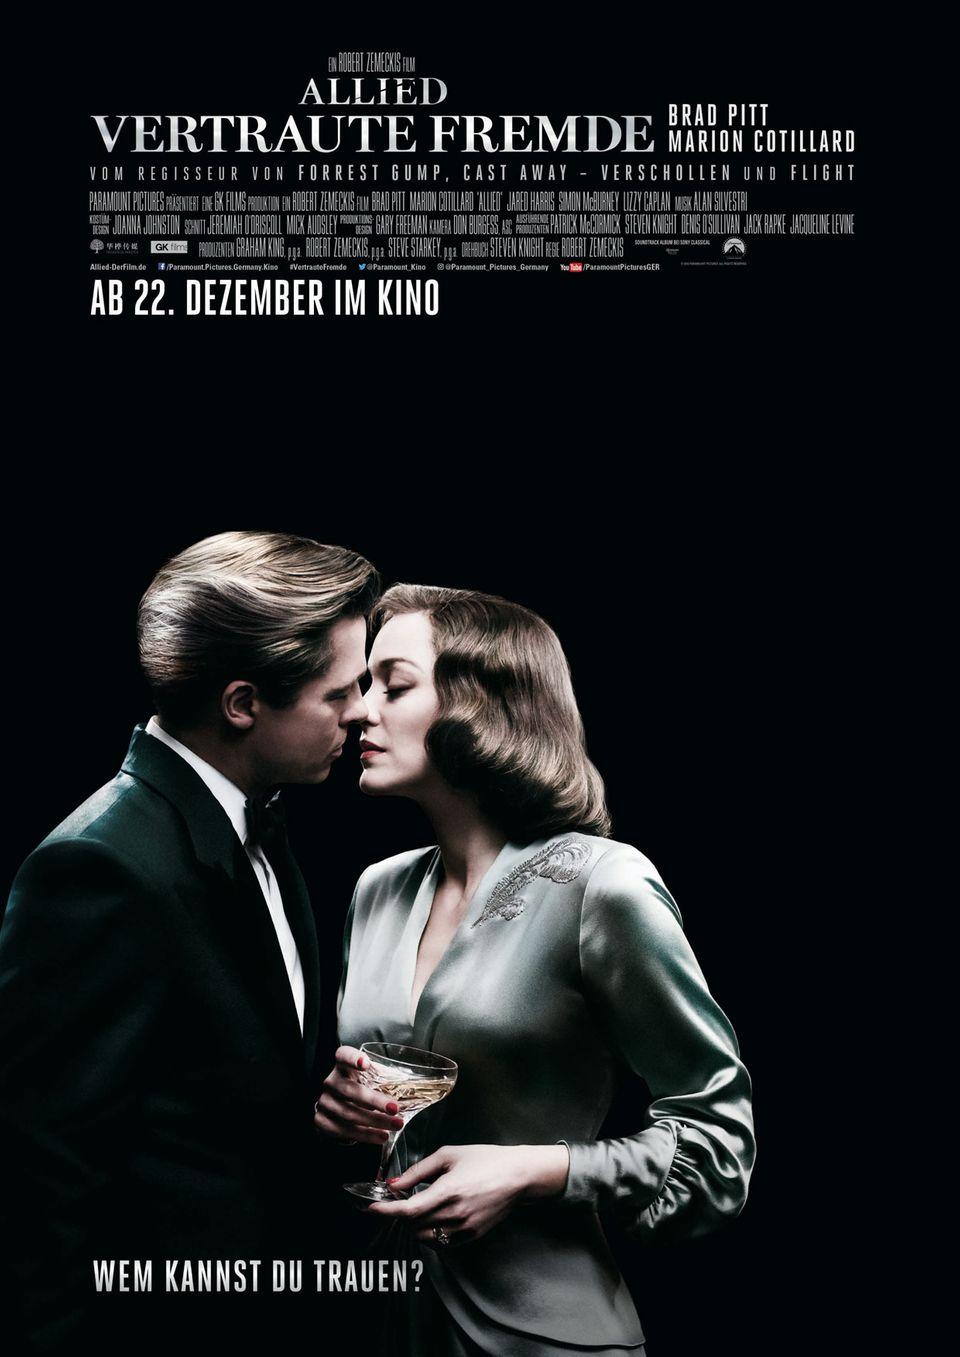 """Brad Pitt und Marion Cotillard spielen die Hauptrollen in """"Allied - Vertraute Fremde""""."""